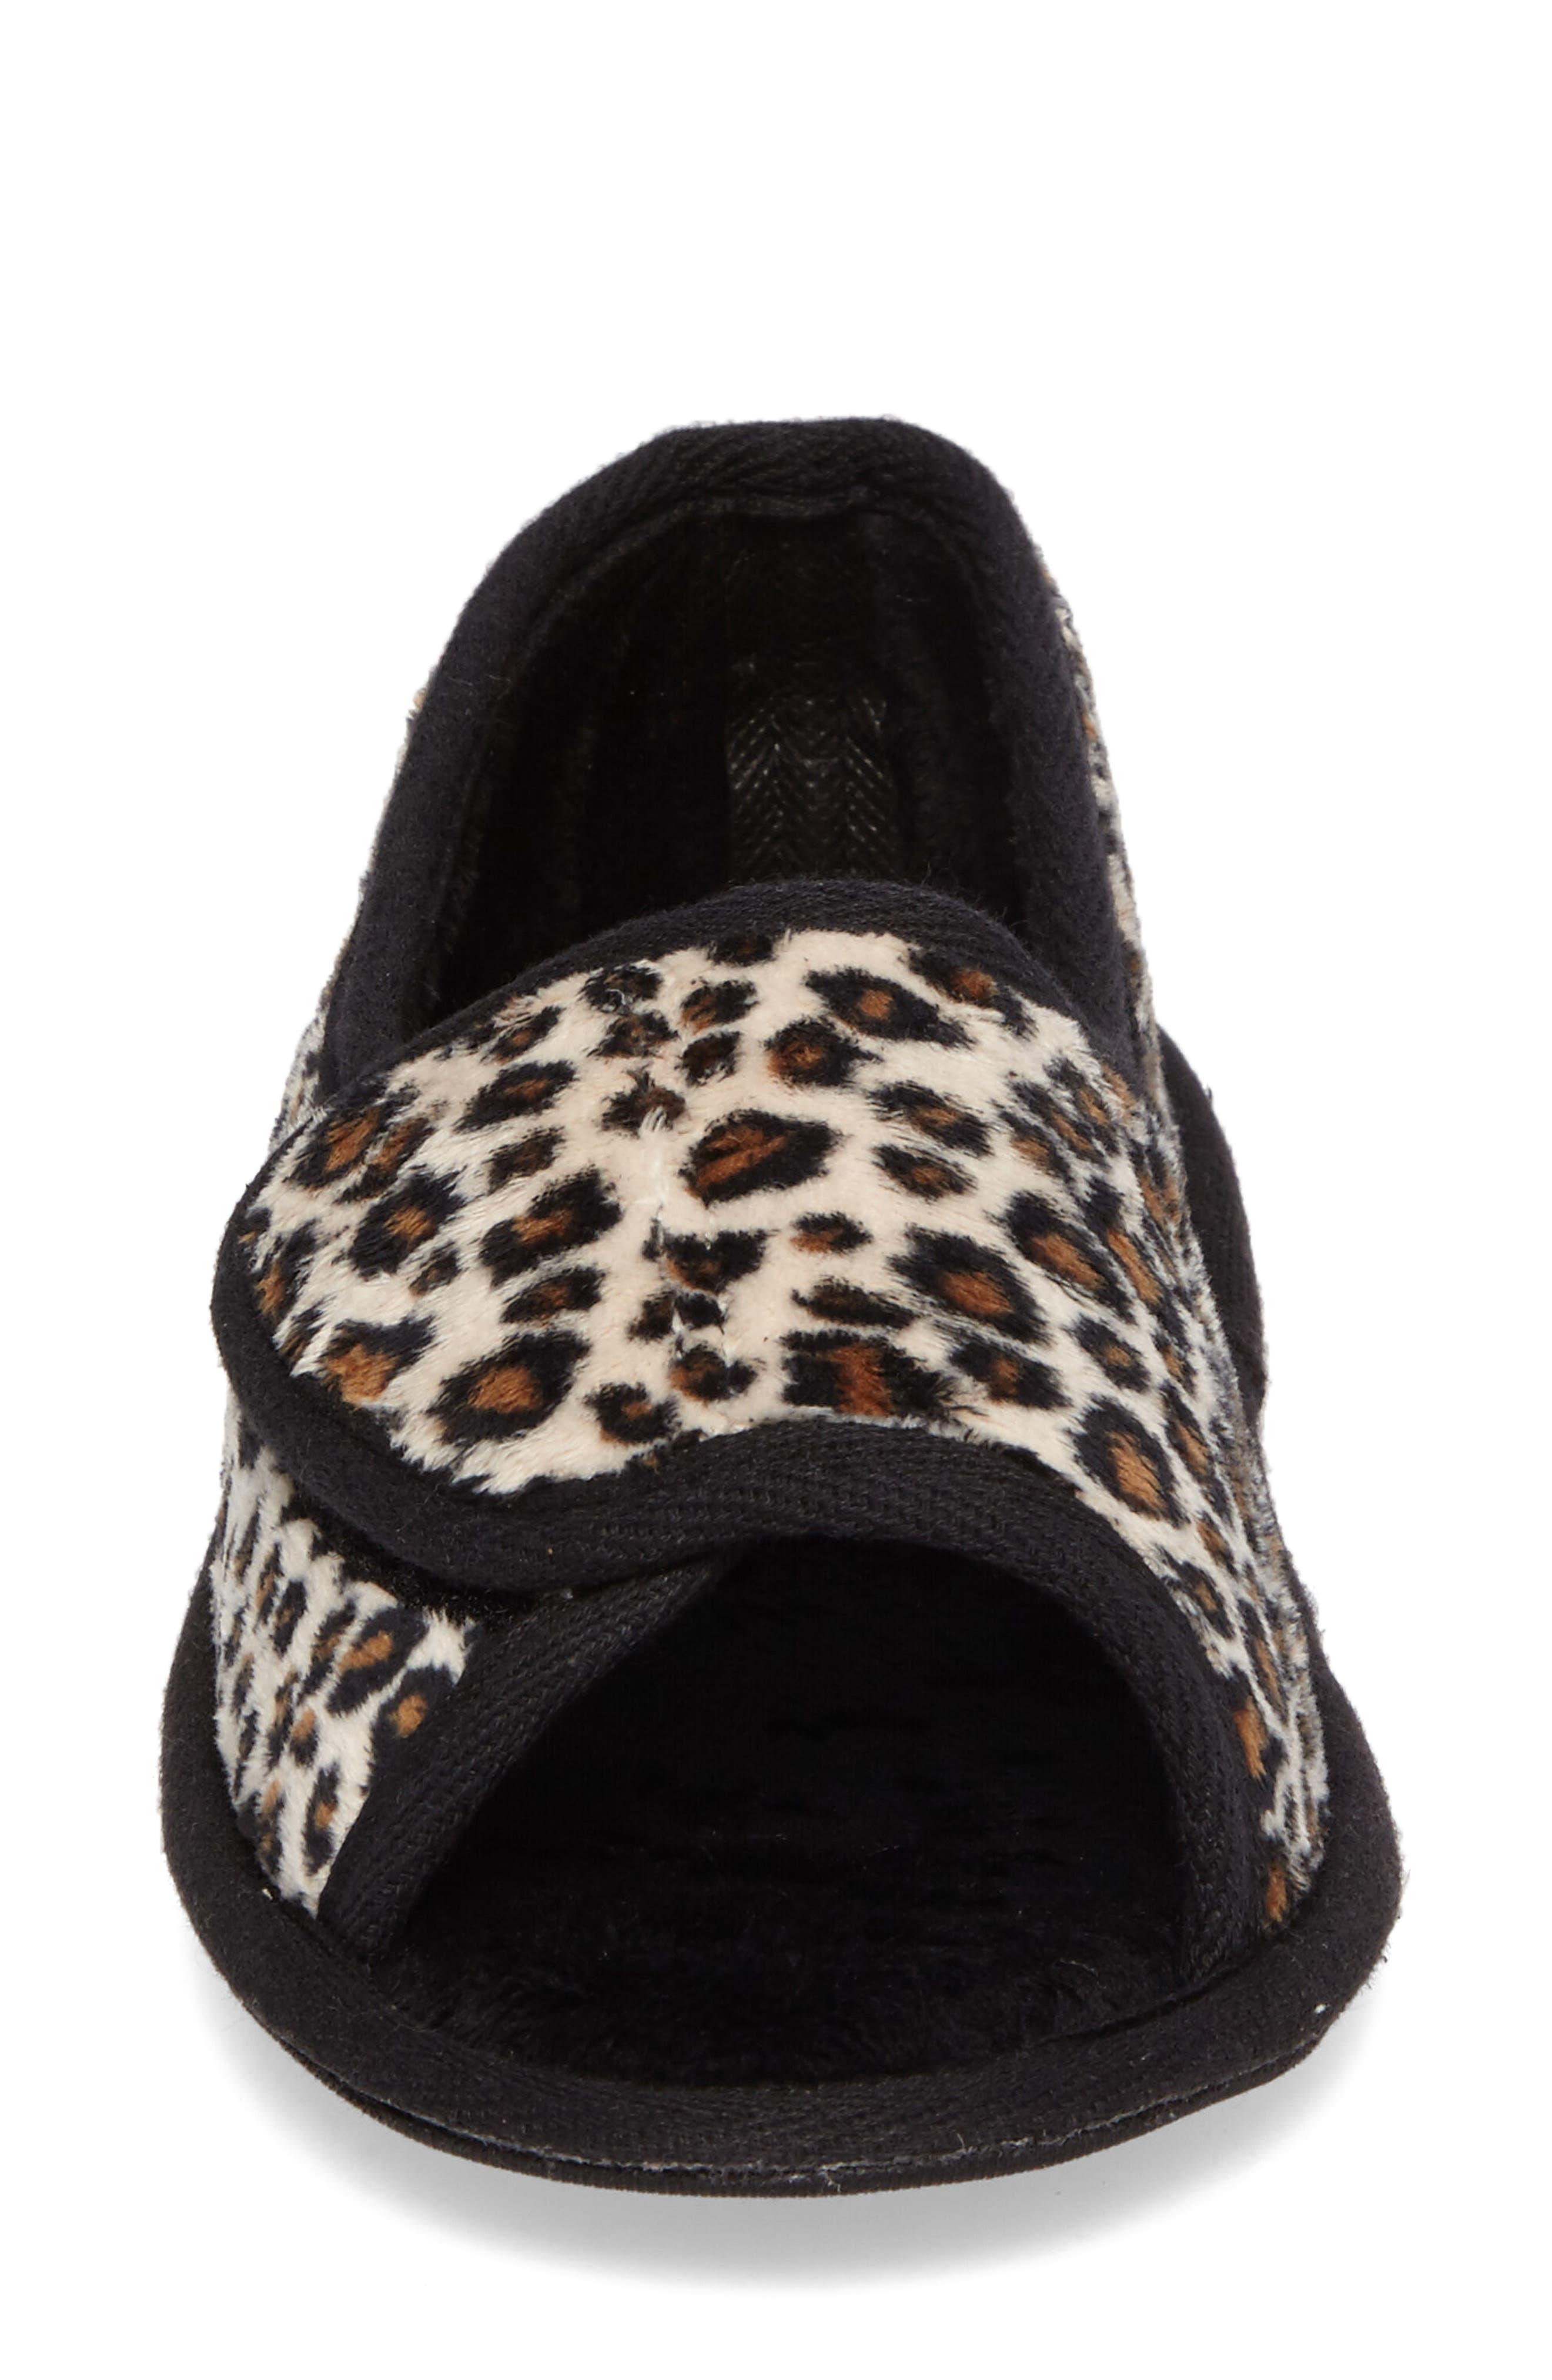 Tara II Slipper,                             Alternate thumbnail 4, color,                             Cheetah Fabric